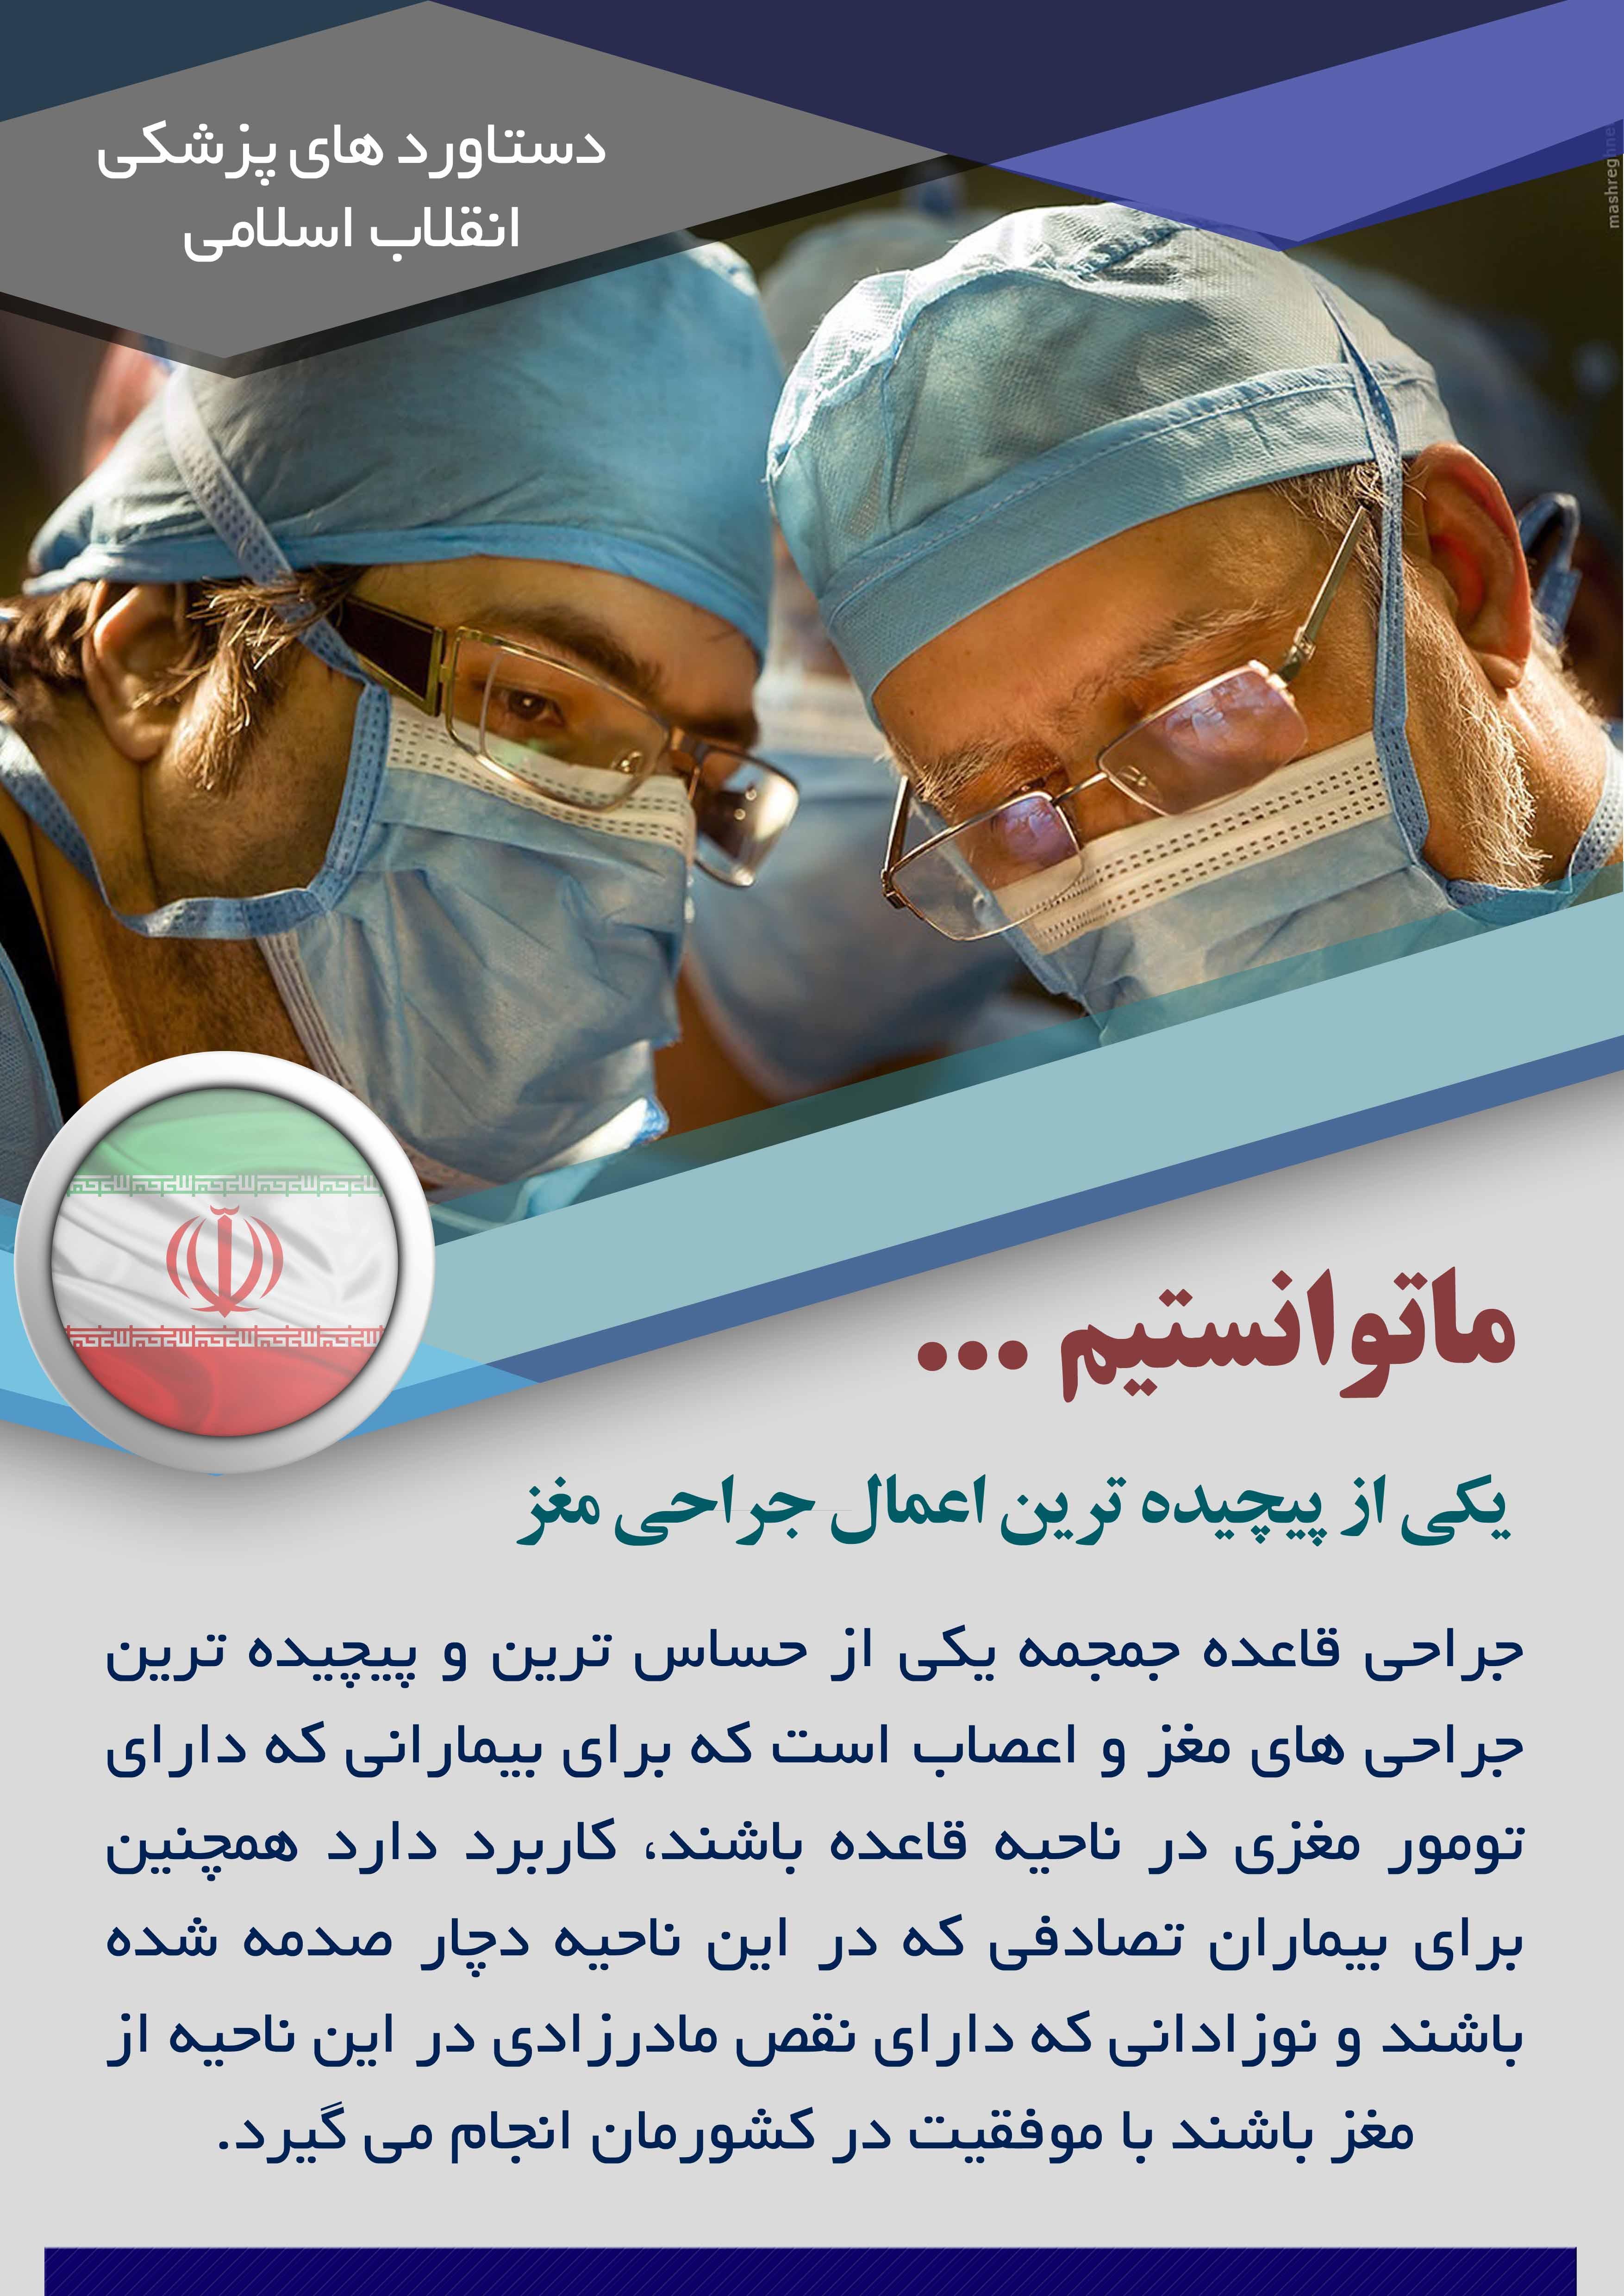 دستاوردهای پزشکی (4)